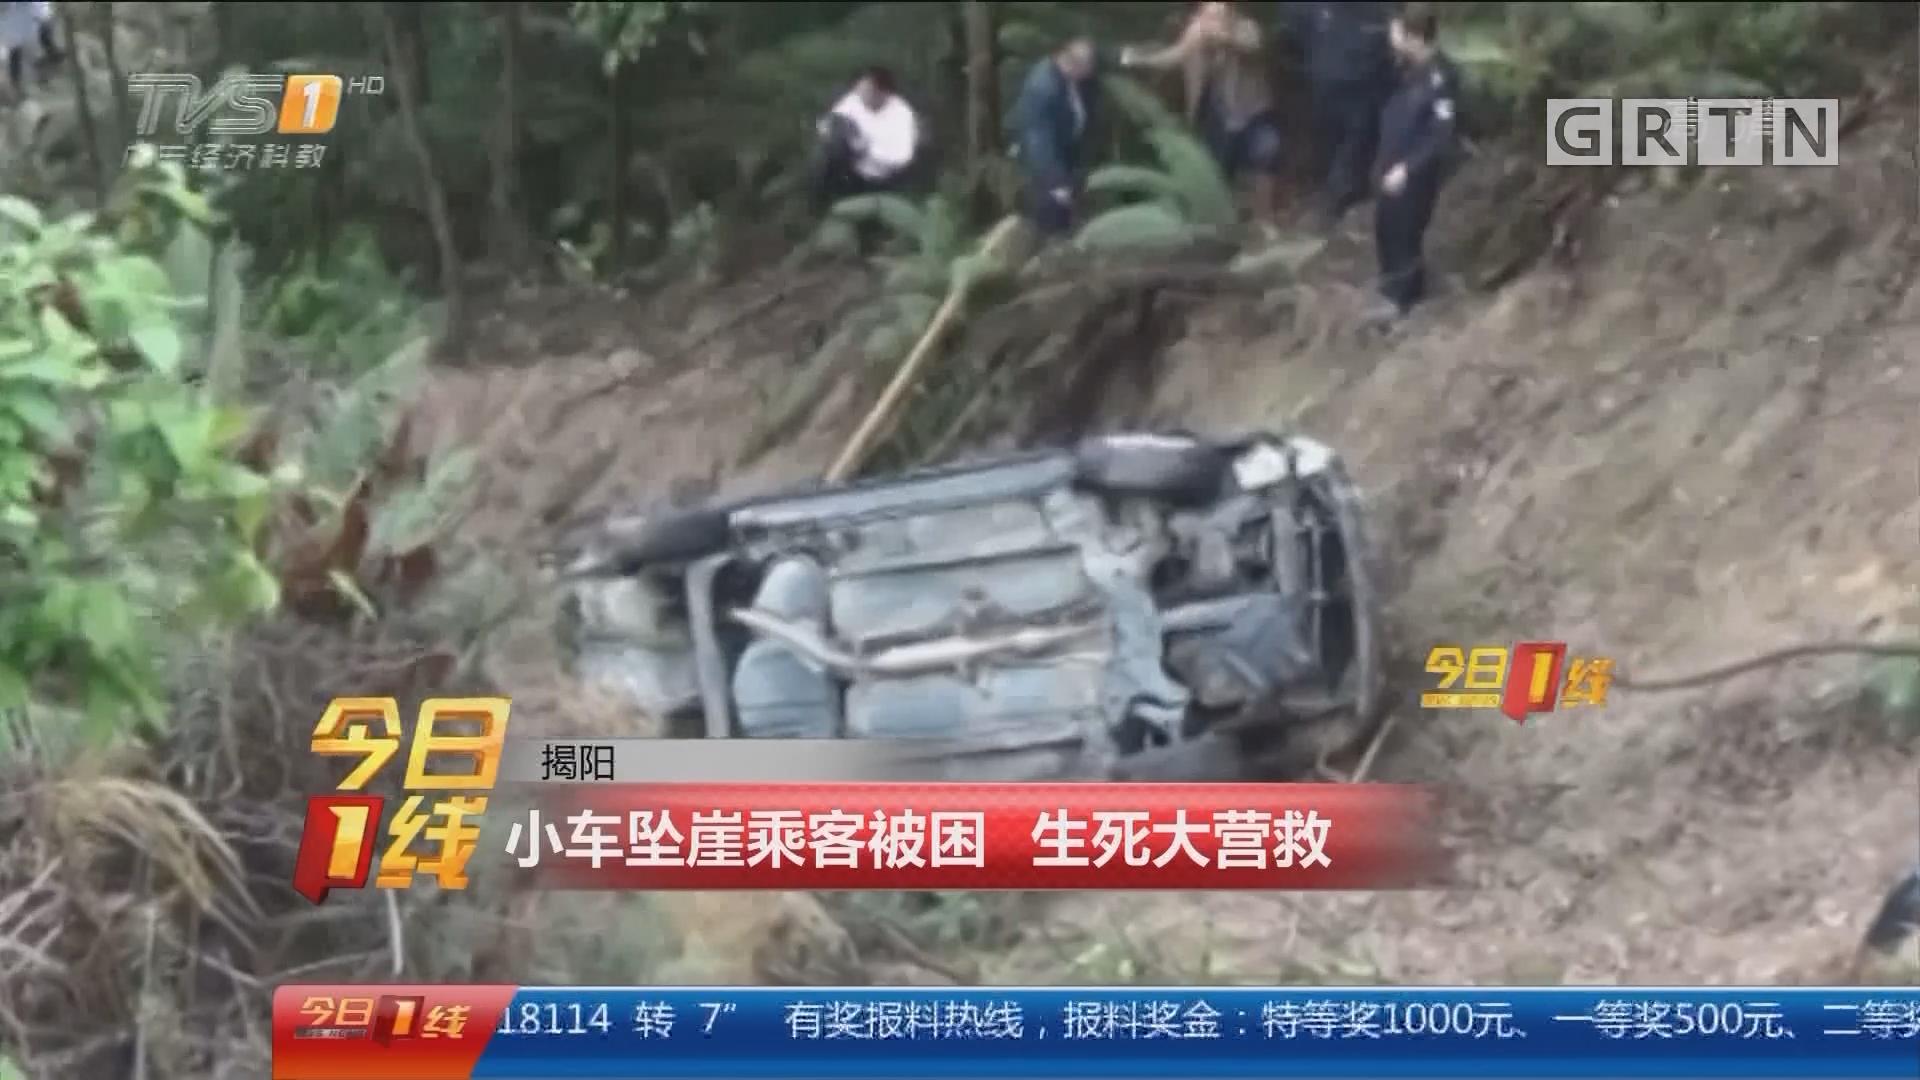 揭阳:小车坠崖乘客被困 生死大营救